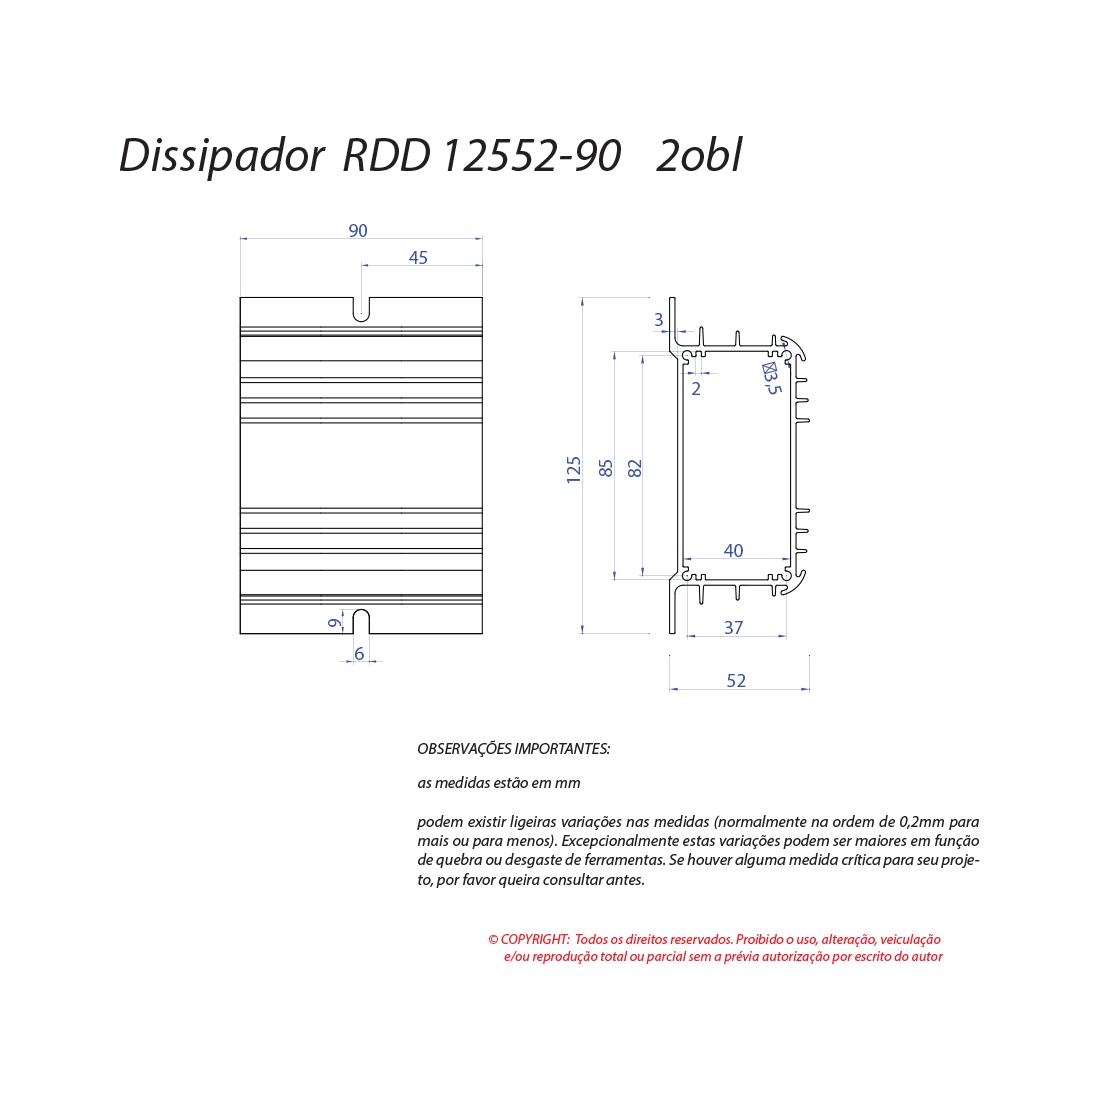 Dissipador de calor RDD 12552-90 2OBL